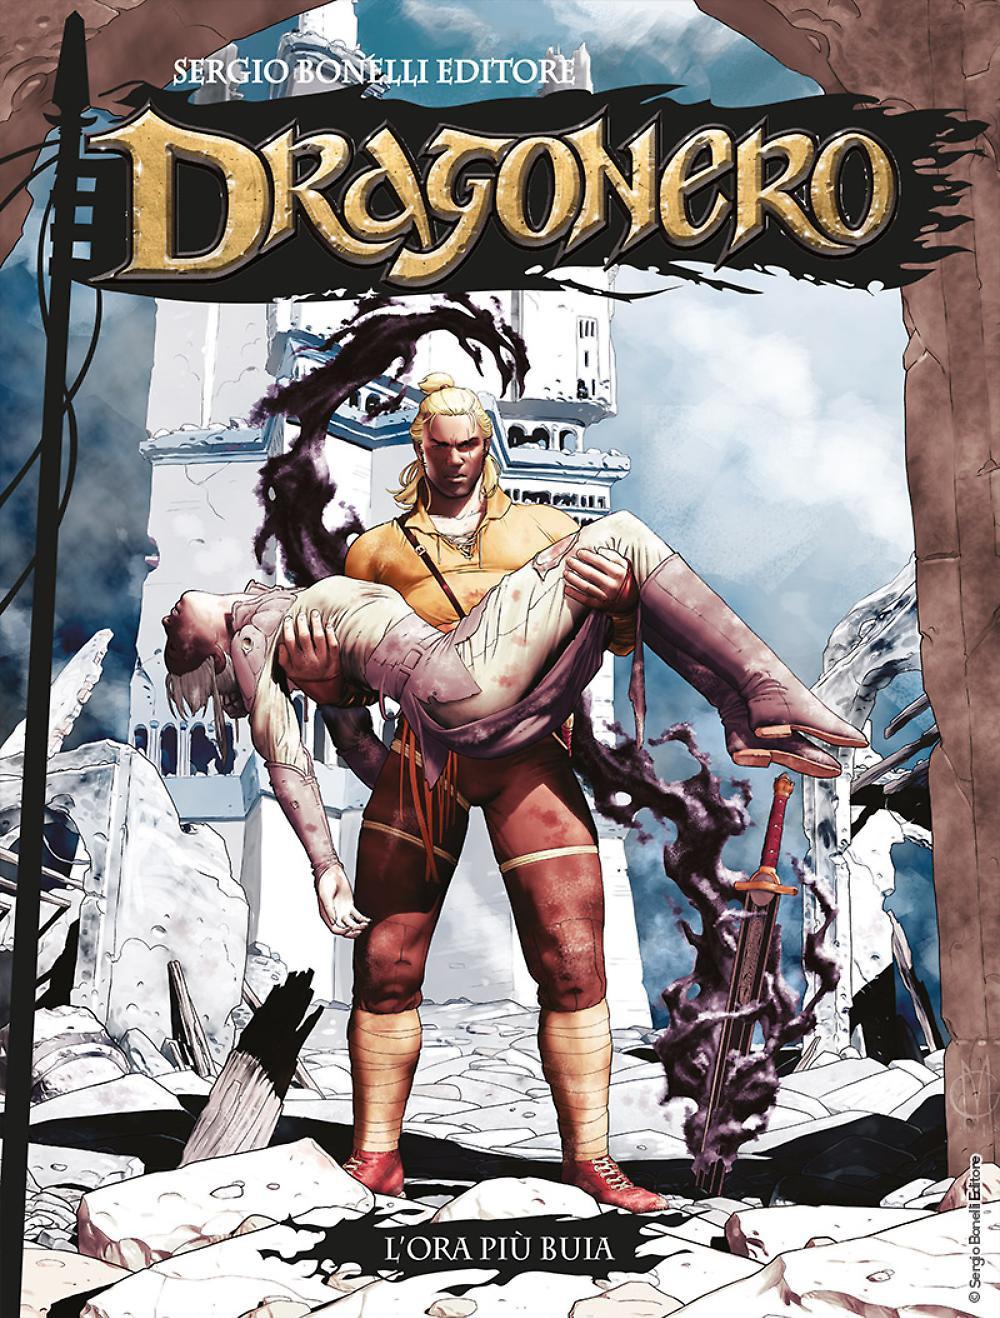 Dragonero n. 58